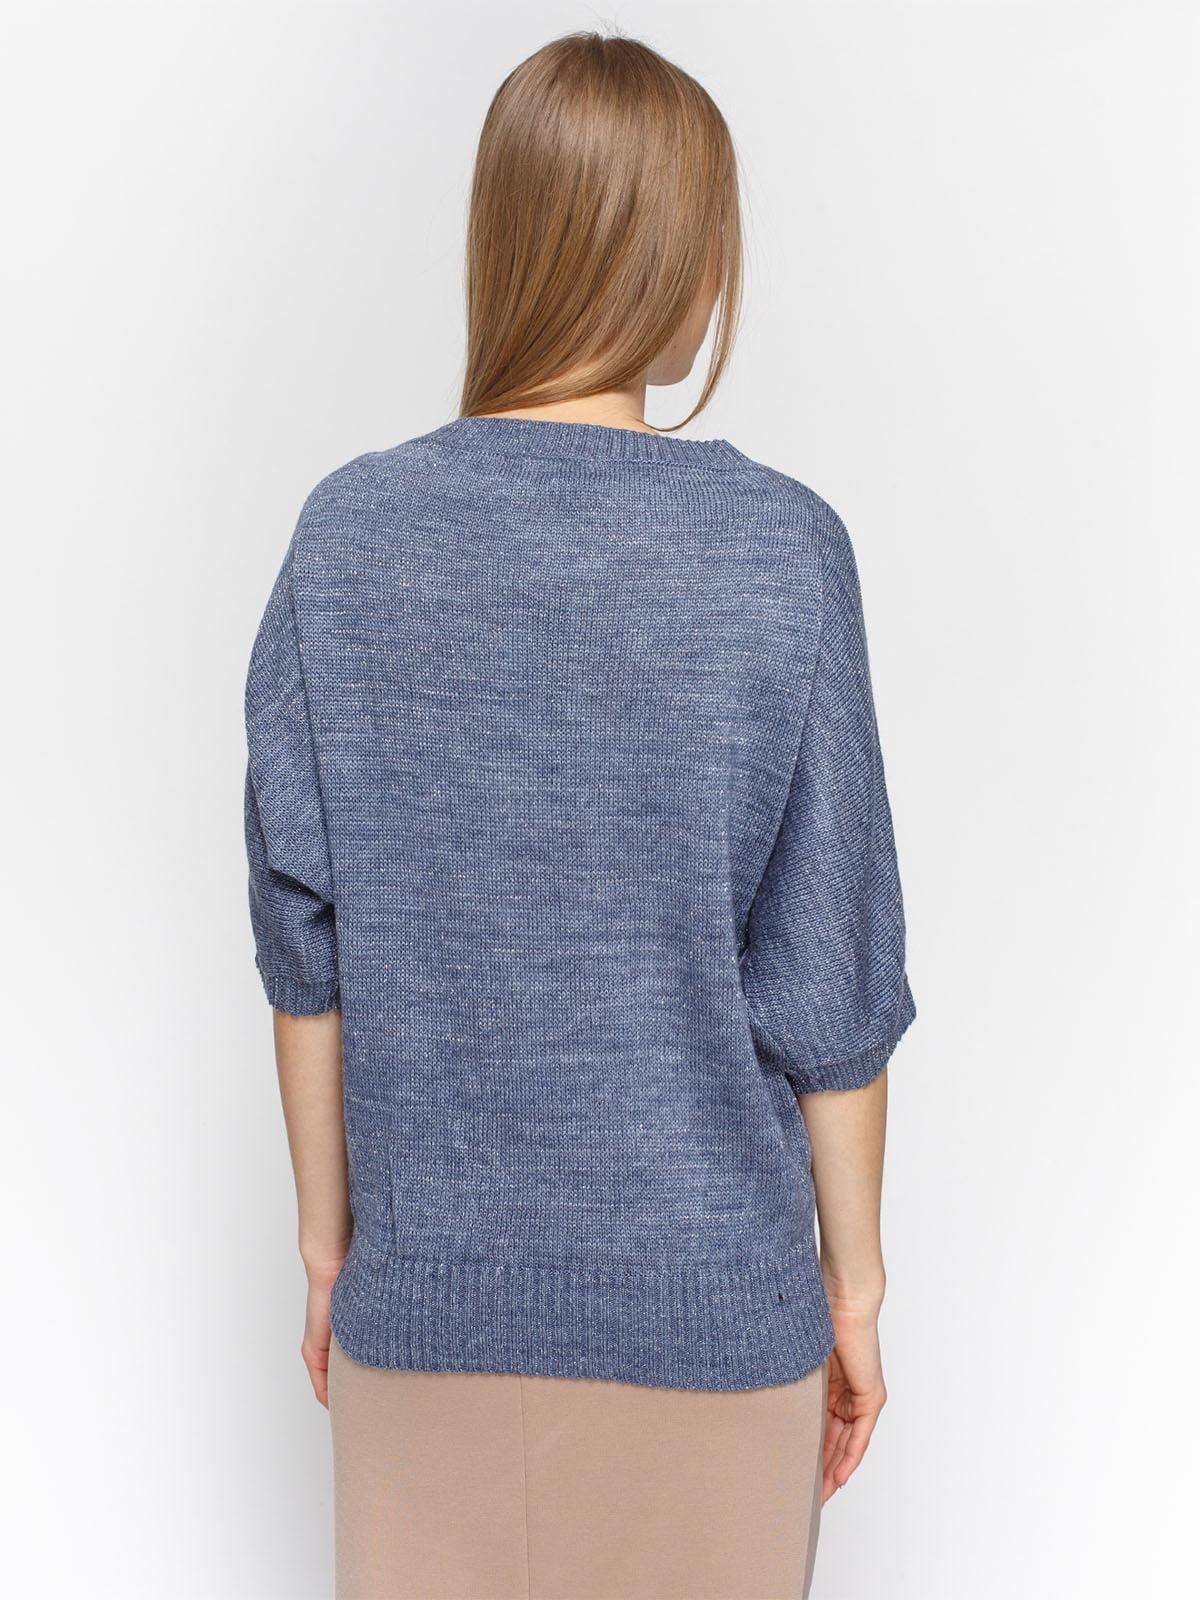 Пуловер синий | 4885871 | фото 2